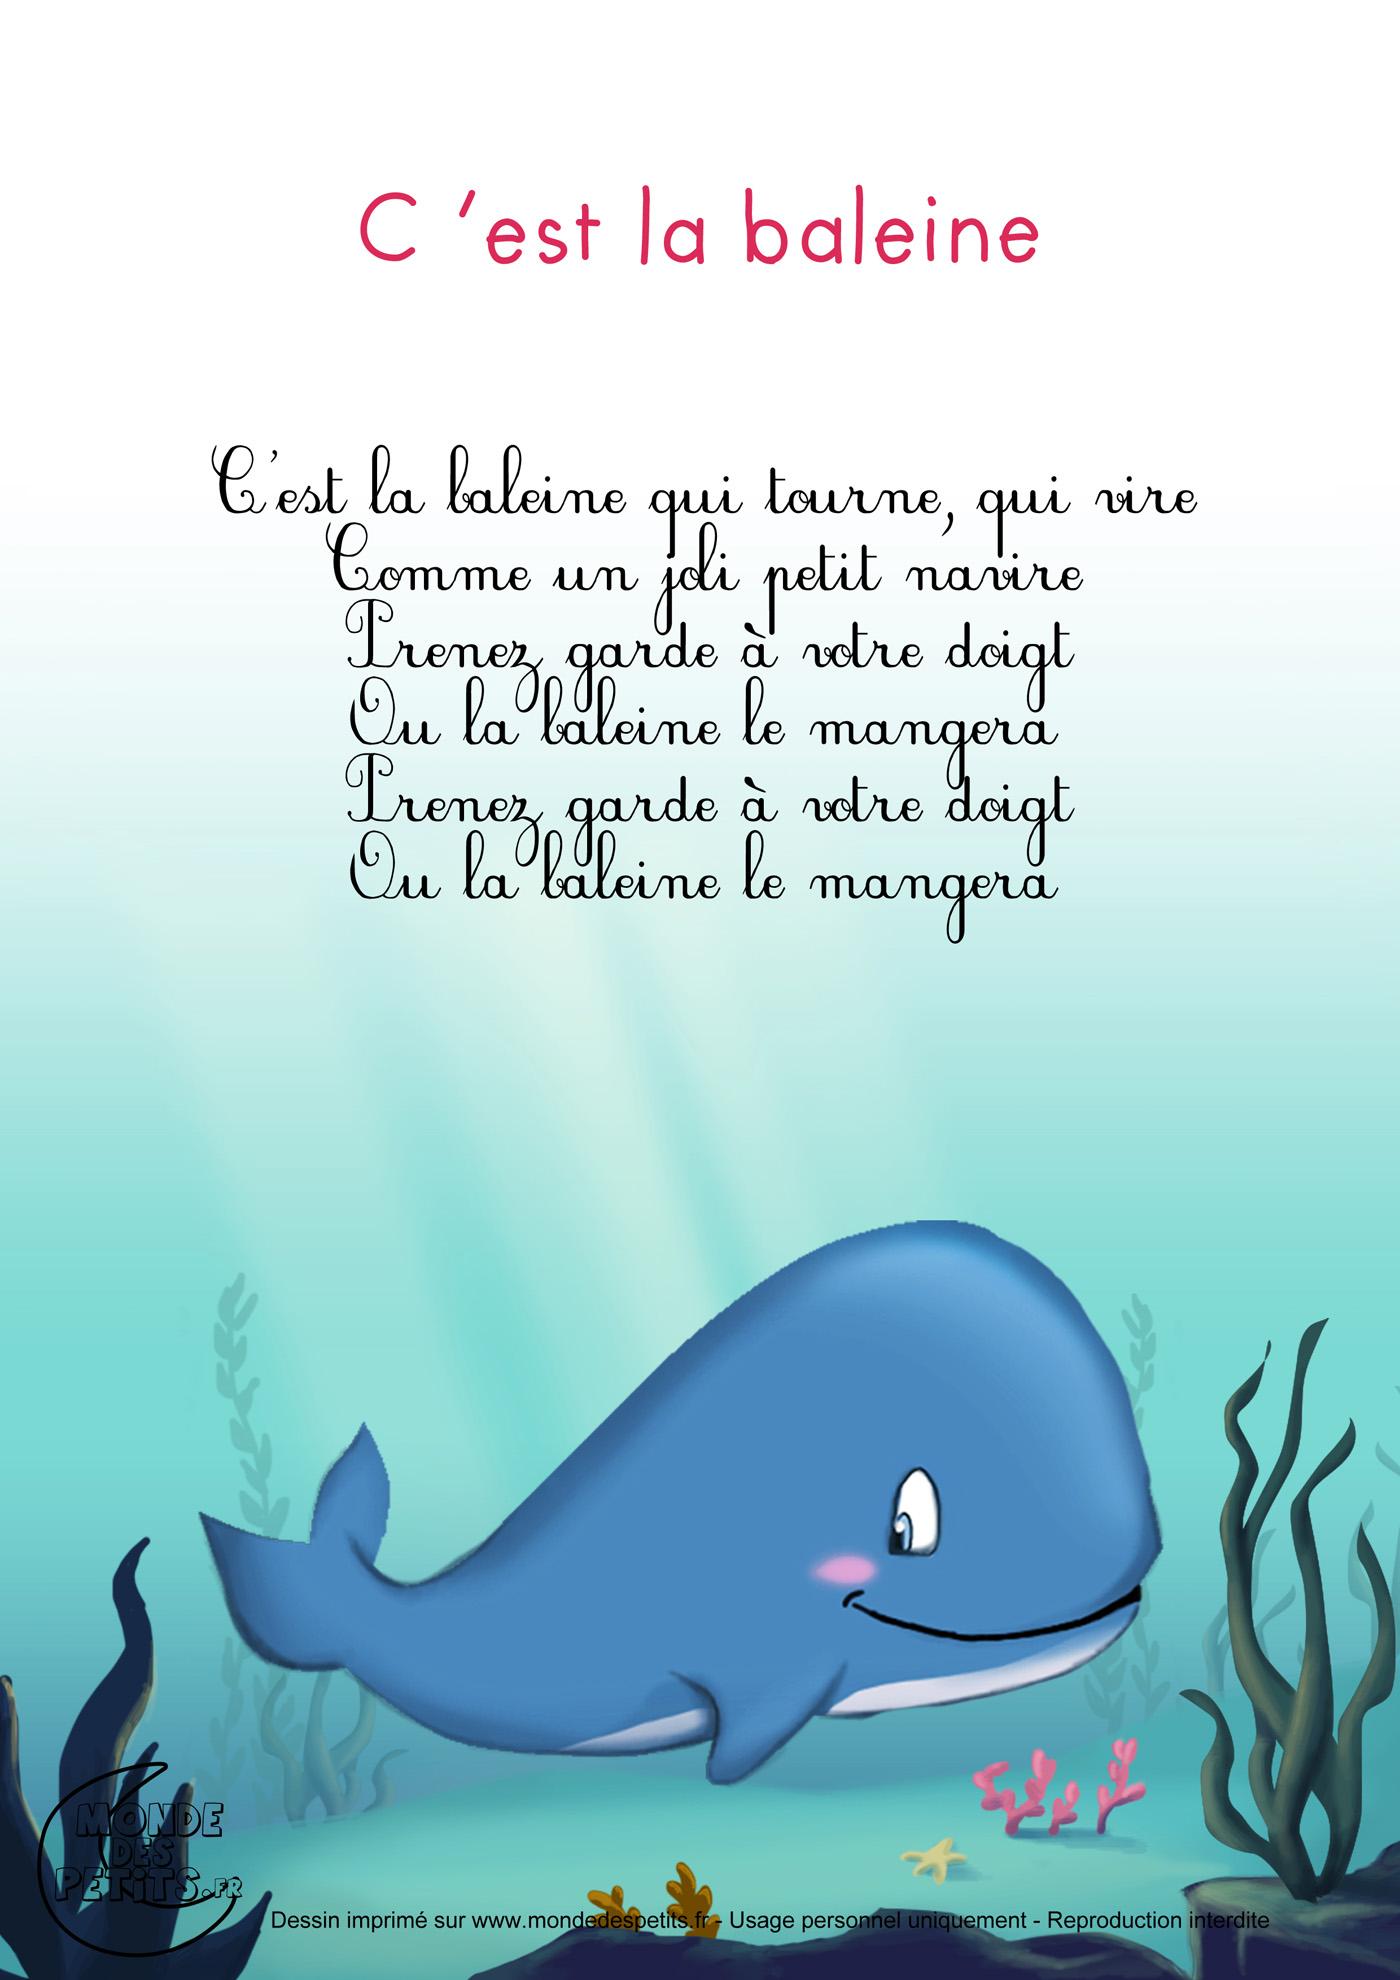 C'est la baleine 2